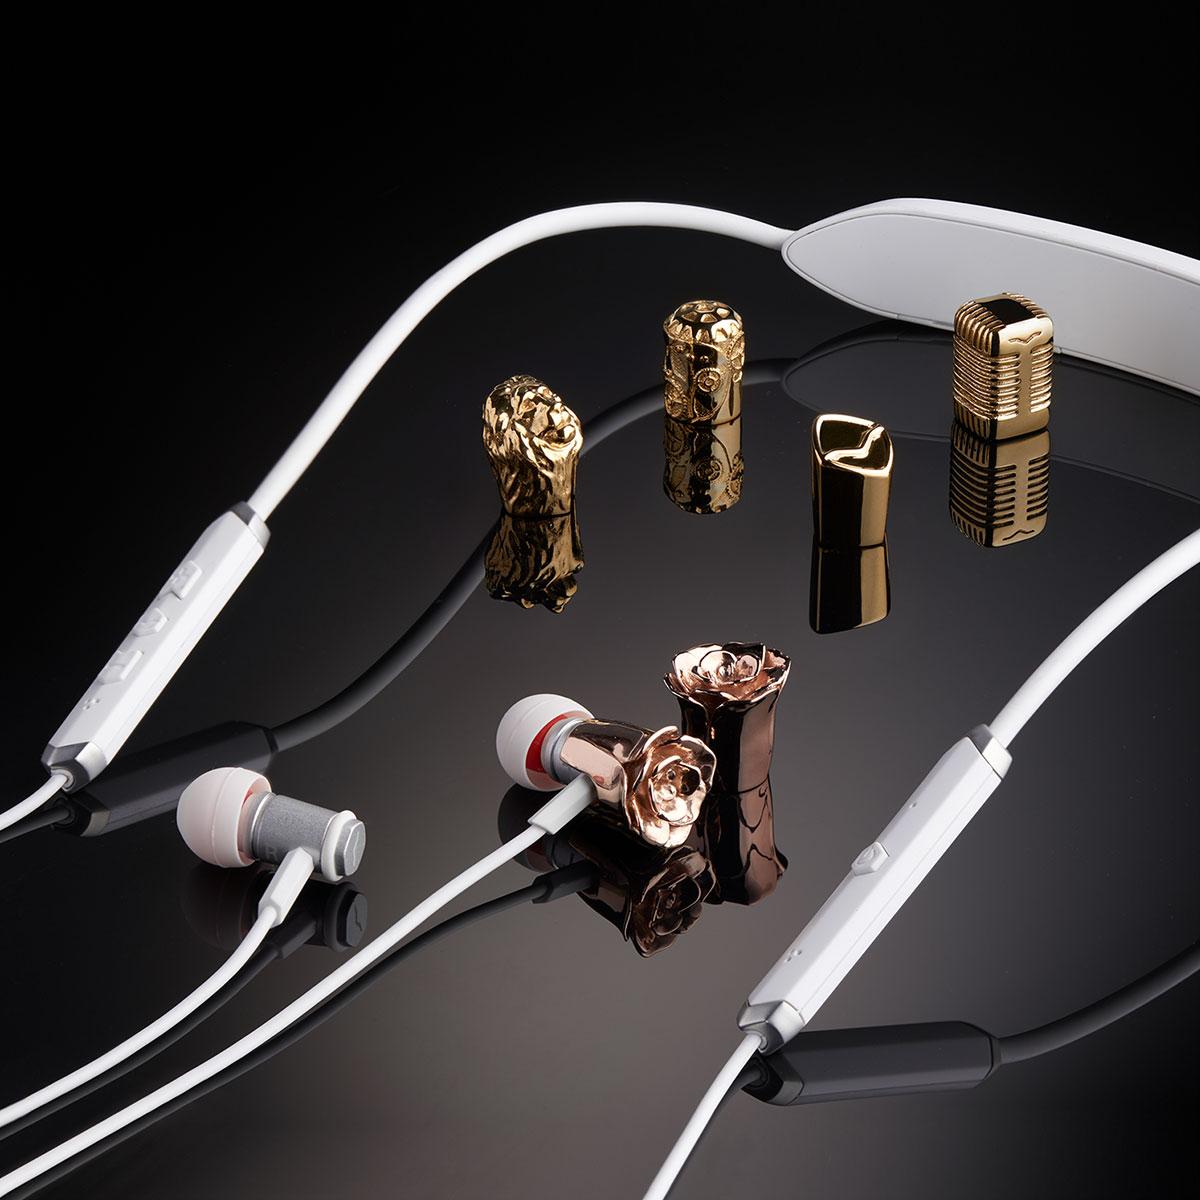 v moda forza wireless earbuds